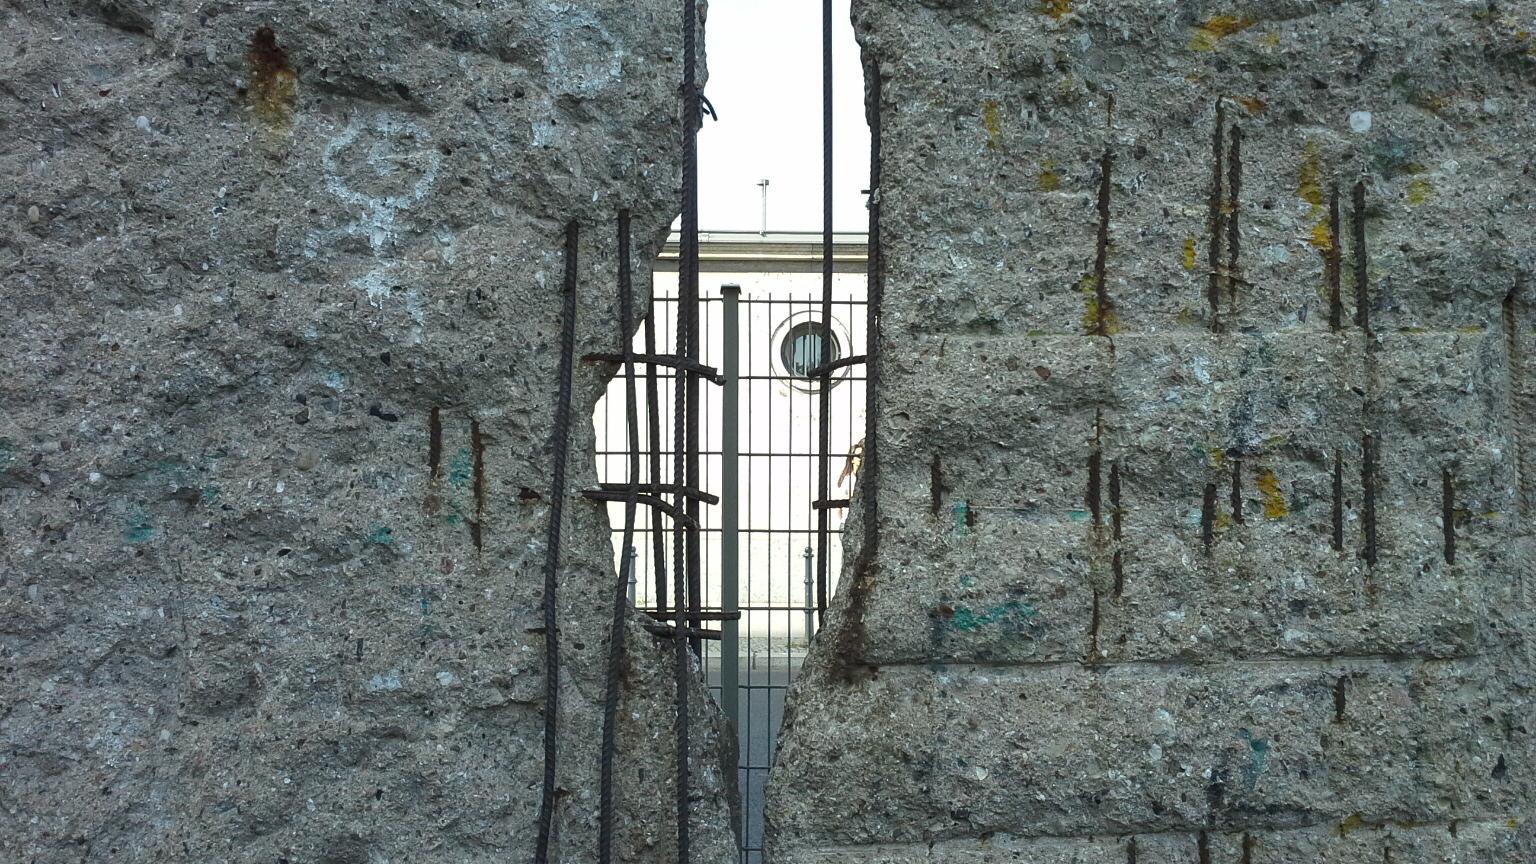 Berlino itinerario storico lungo il muro